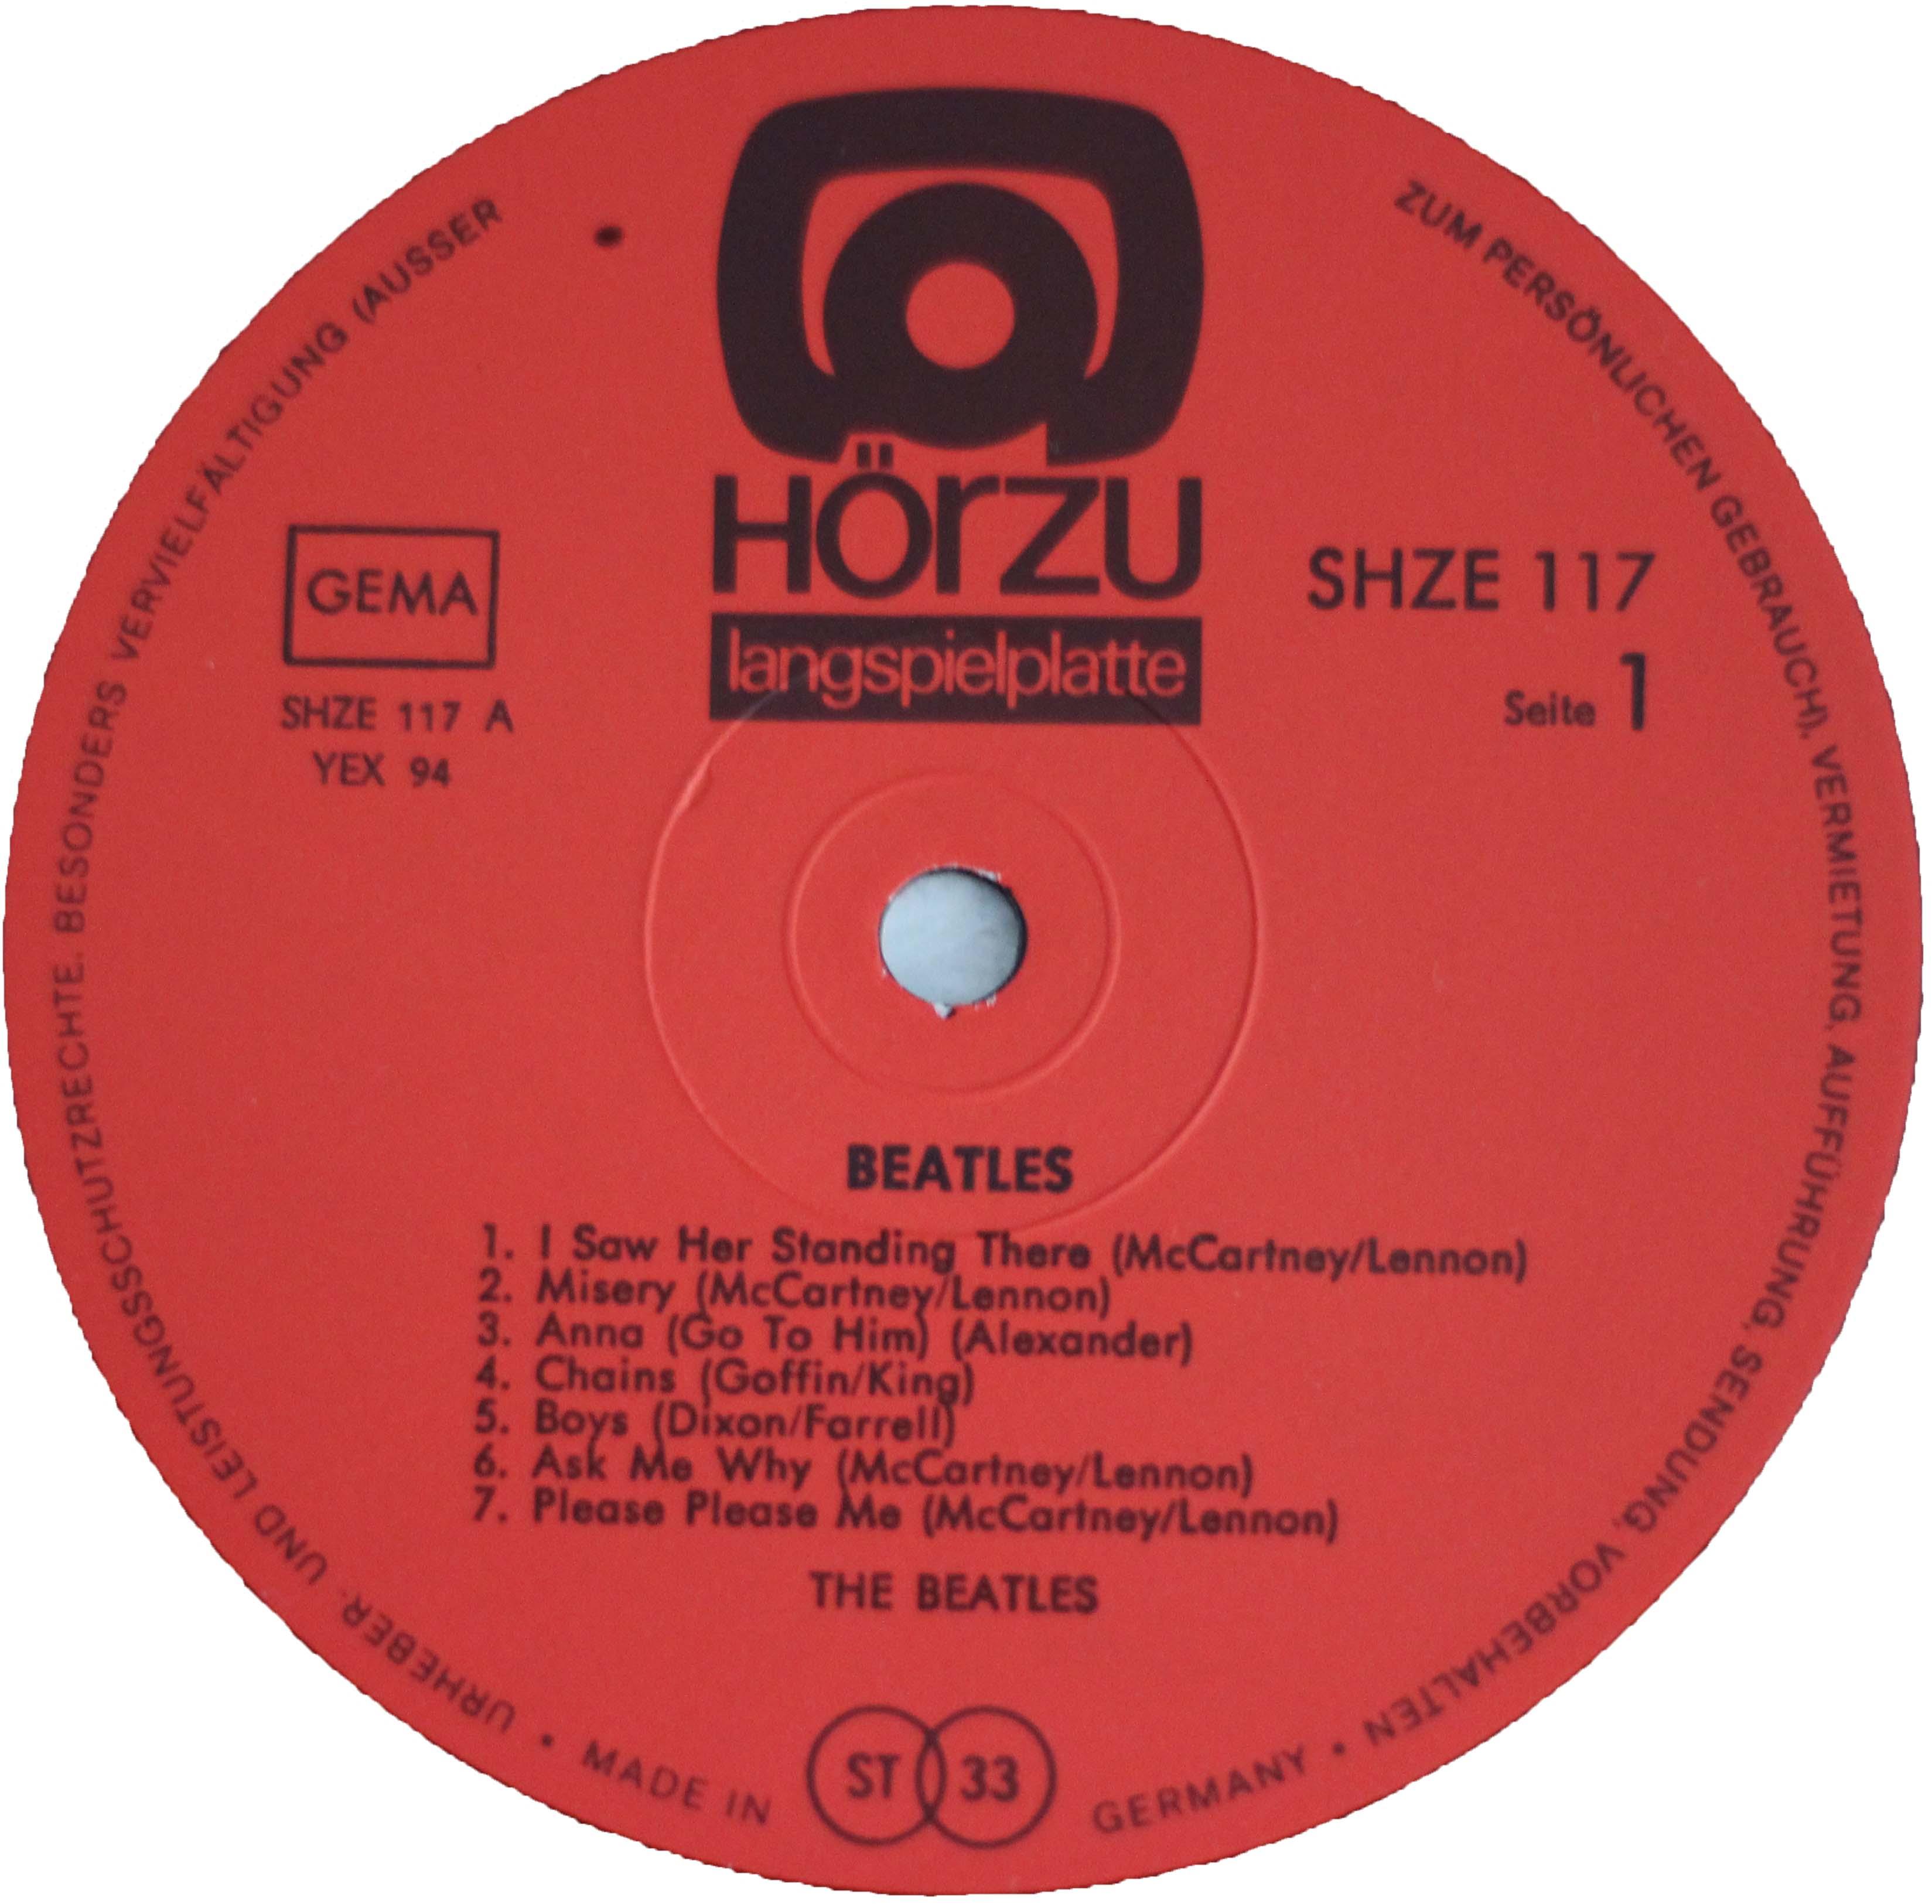 SHZE 117